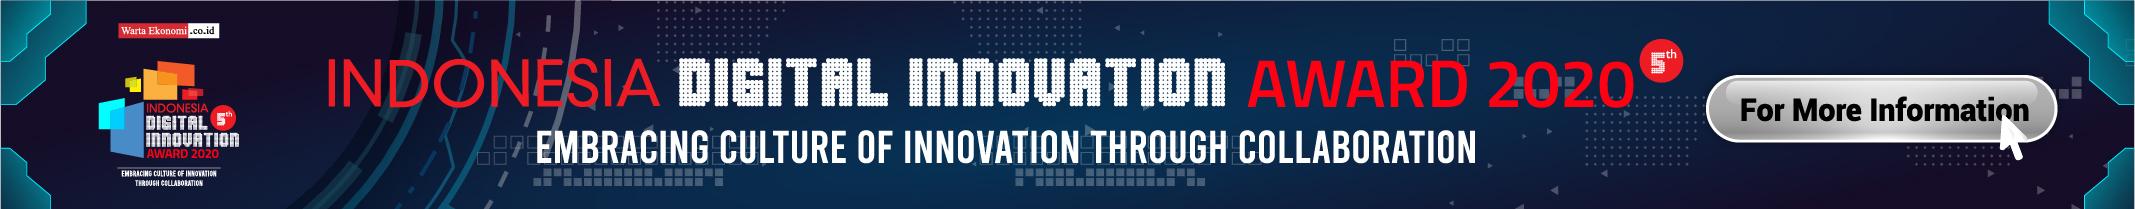 Digital Innovation Award 2020